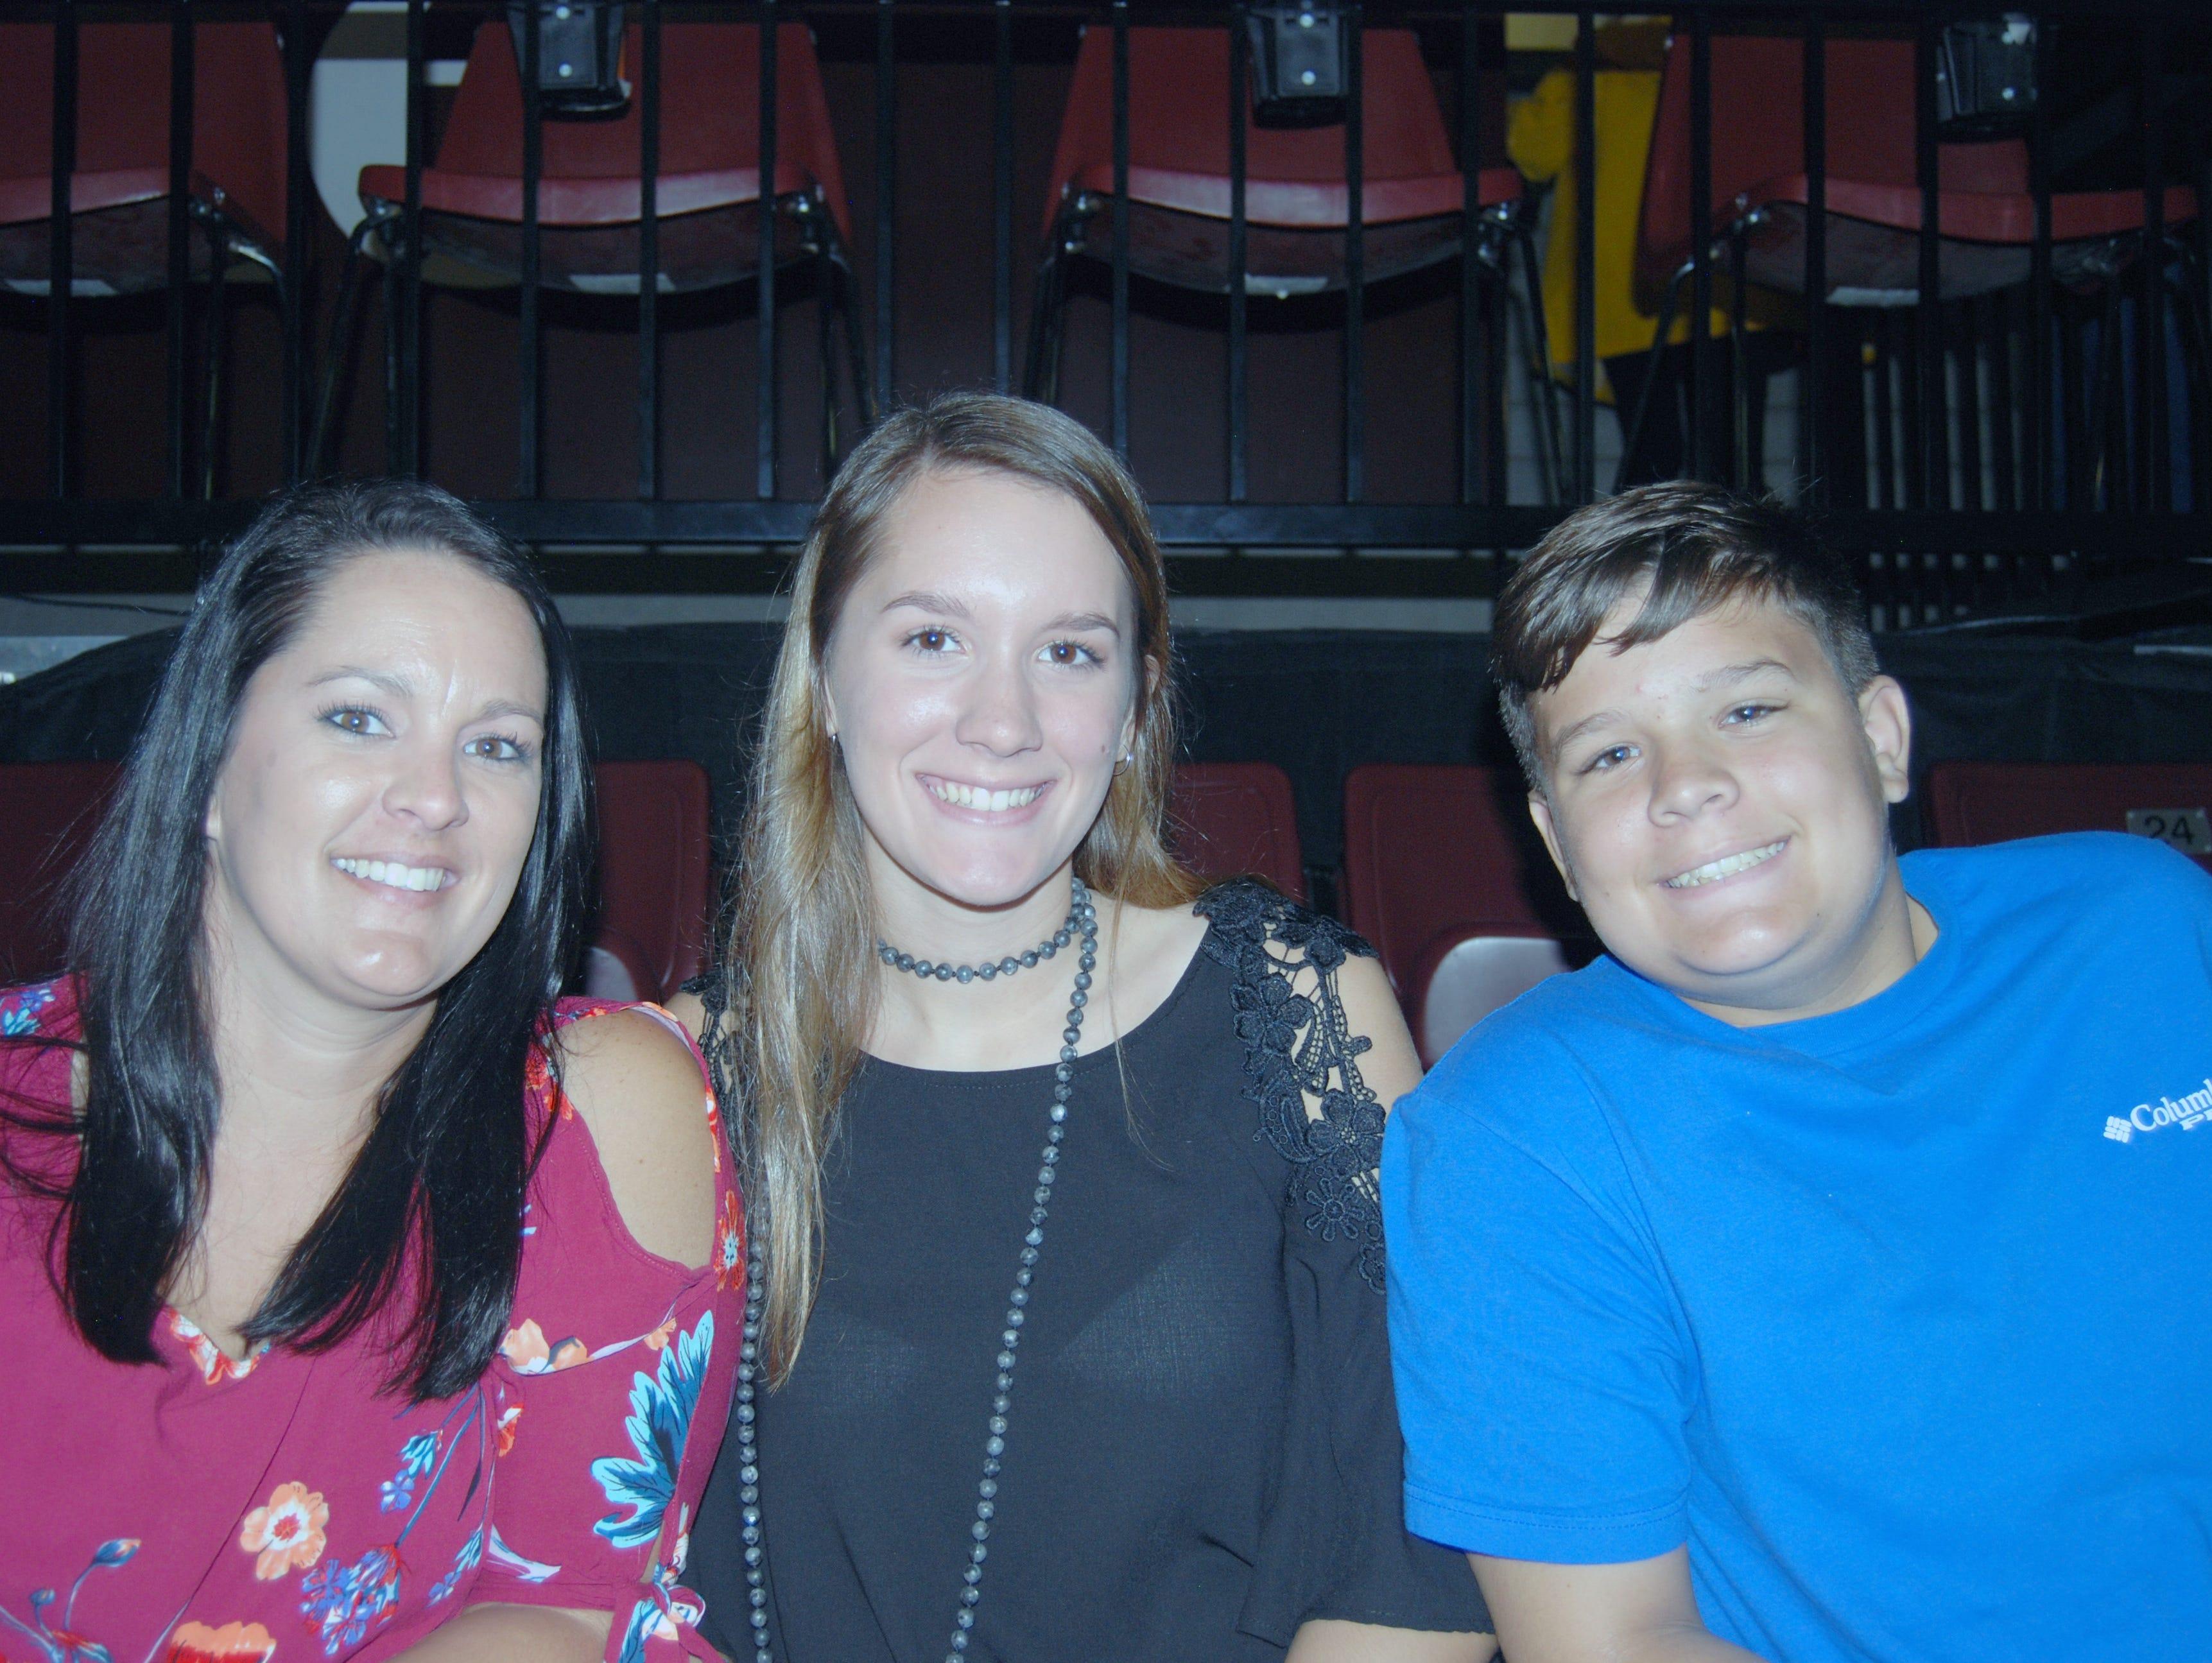 Candie, Haleigh and Brayden Halter